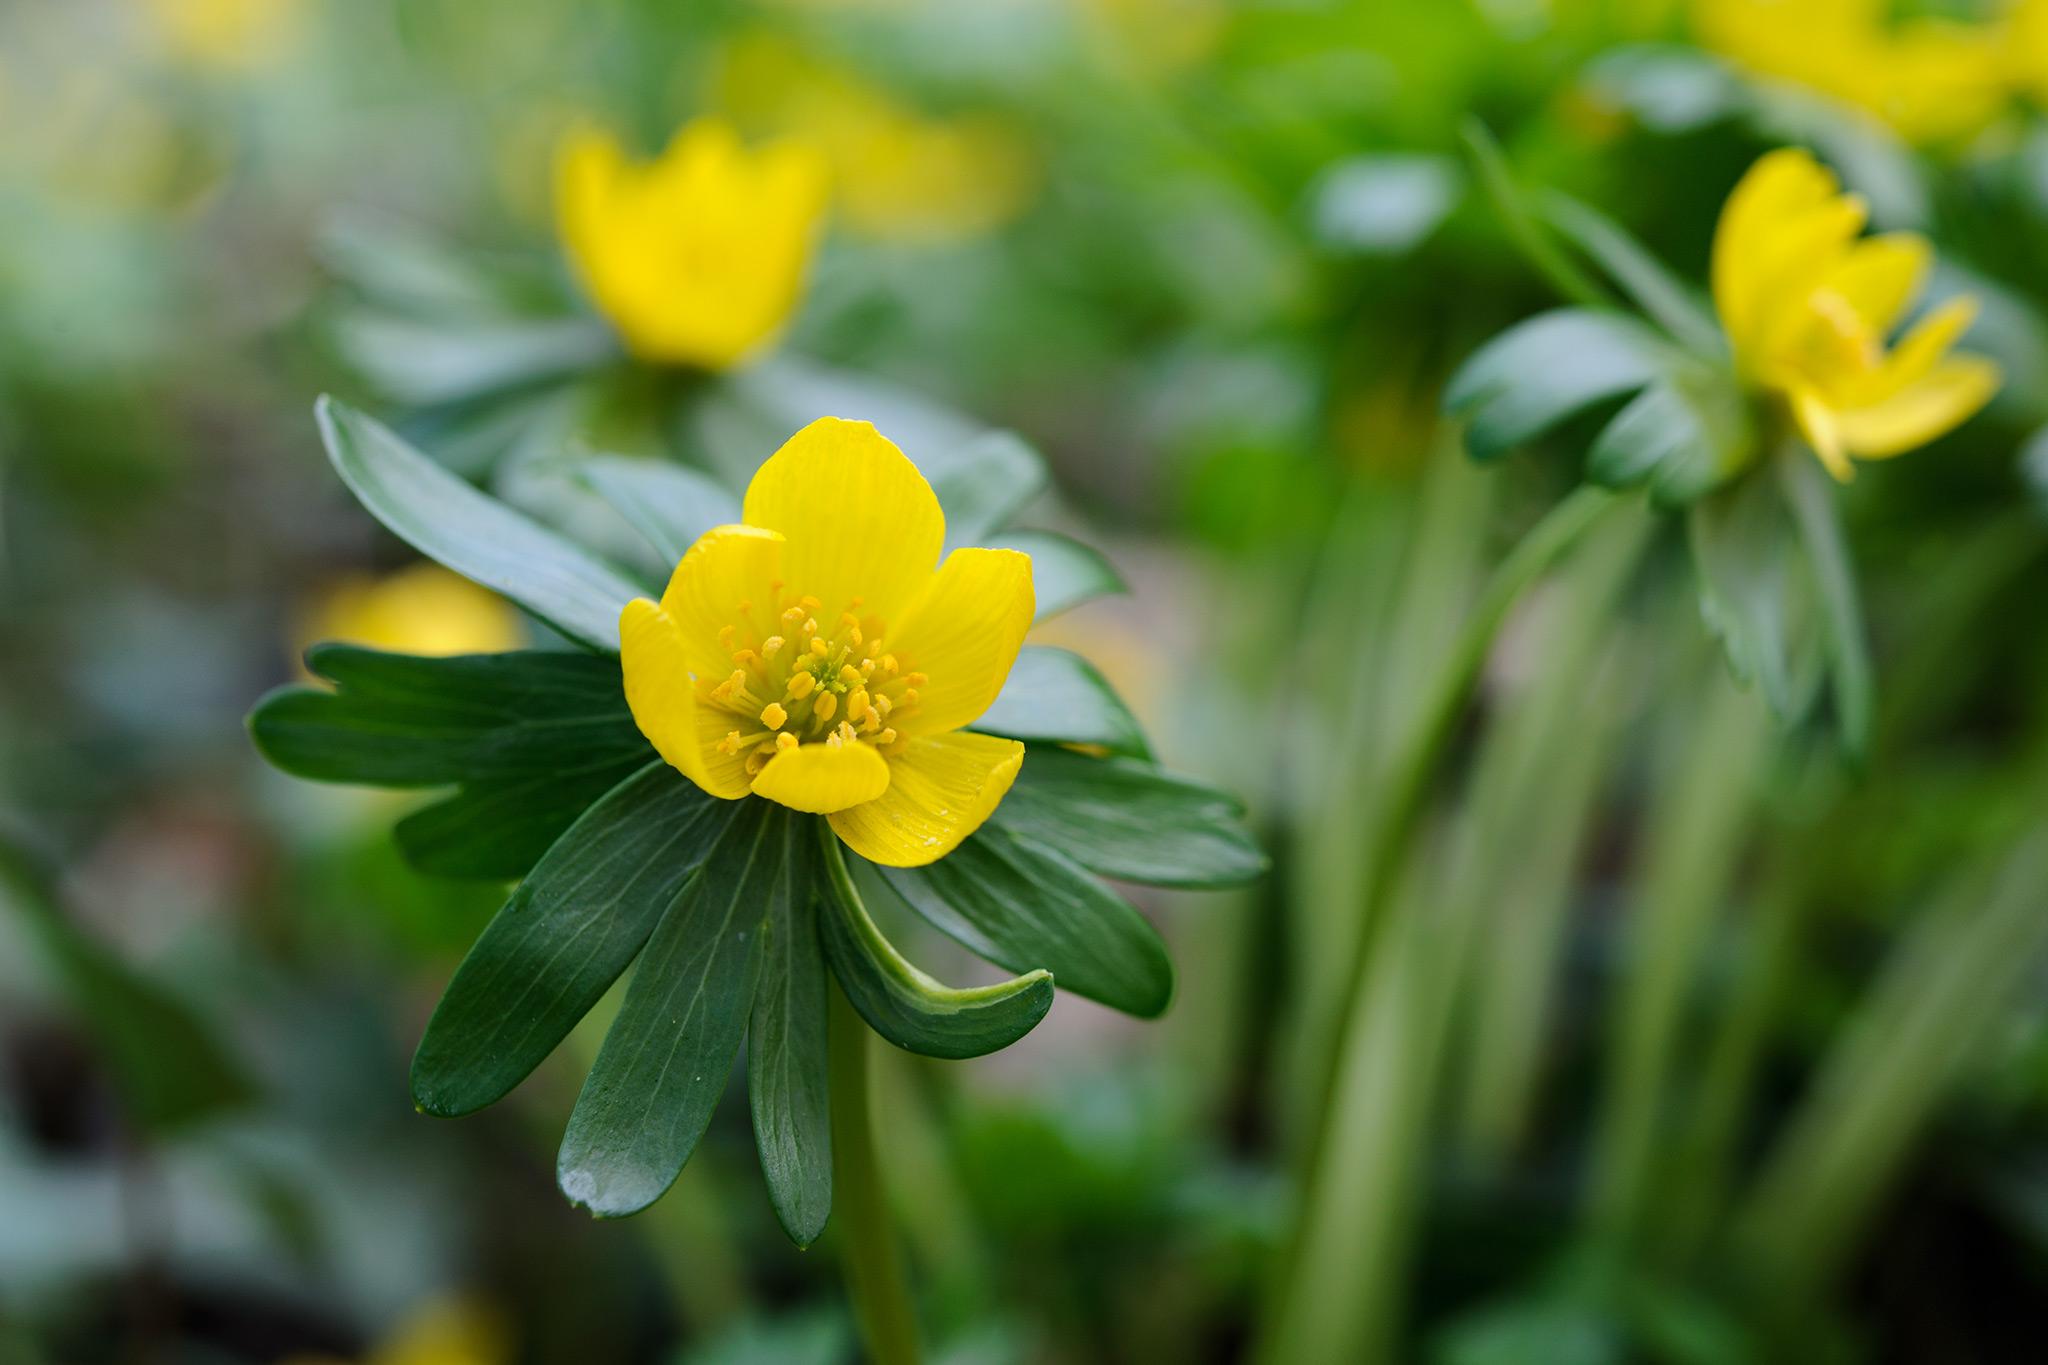 winter-aconite-flower-eranthis-hyemalis-2